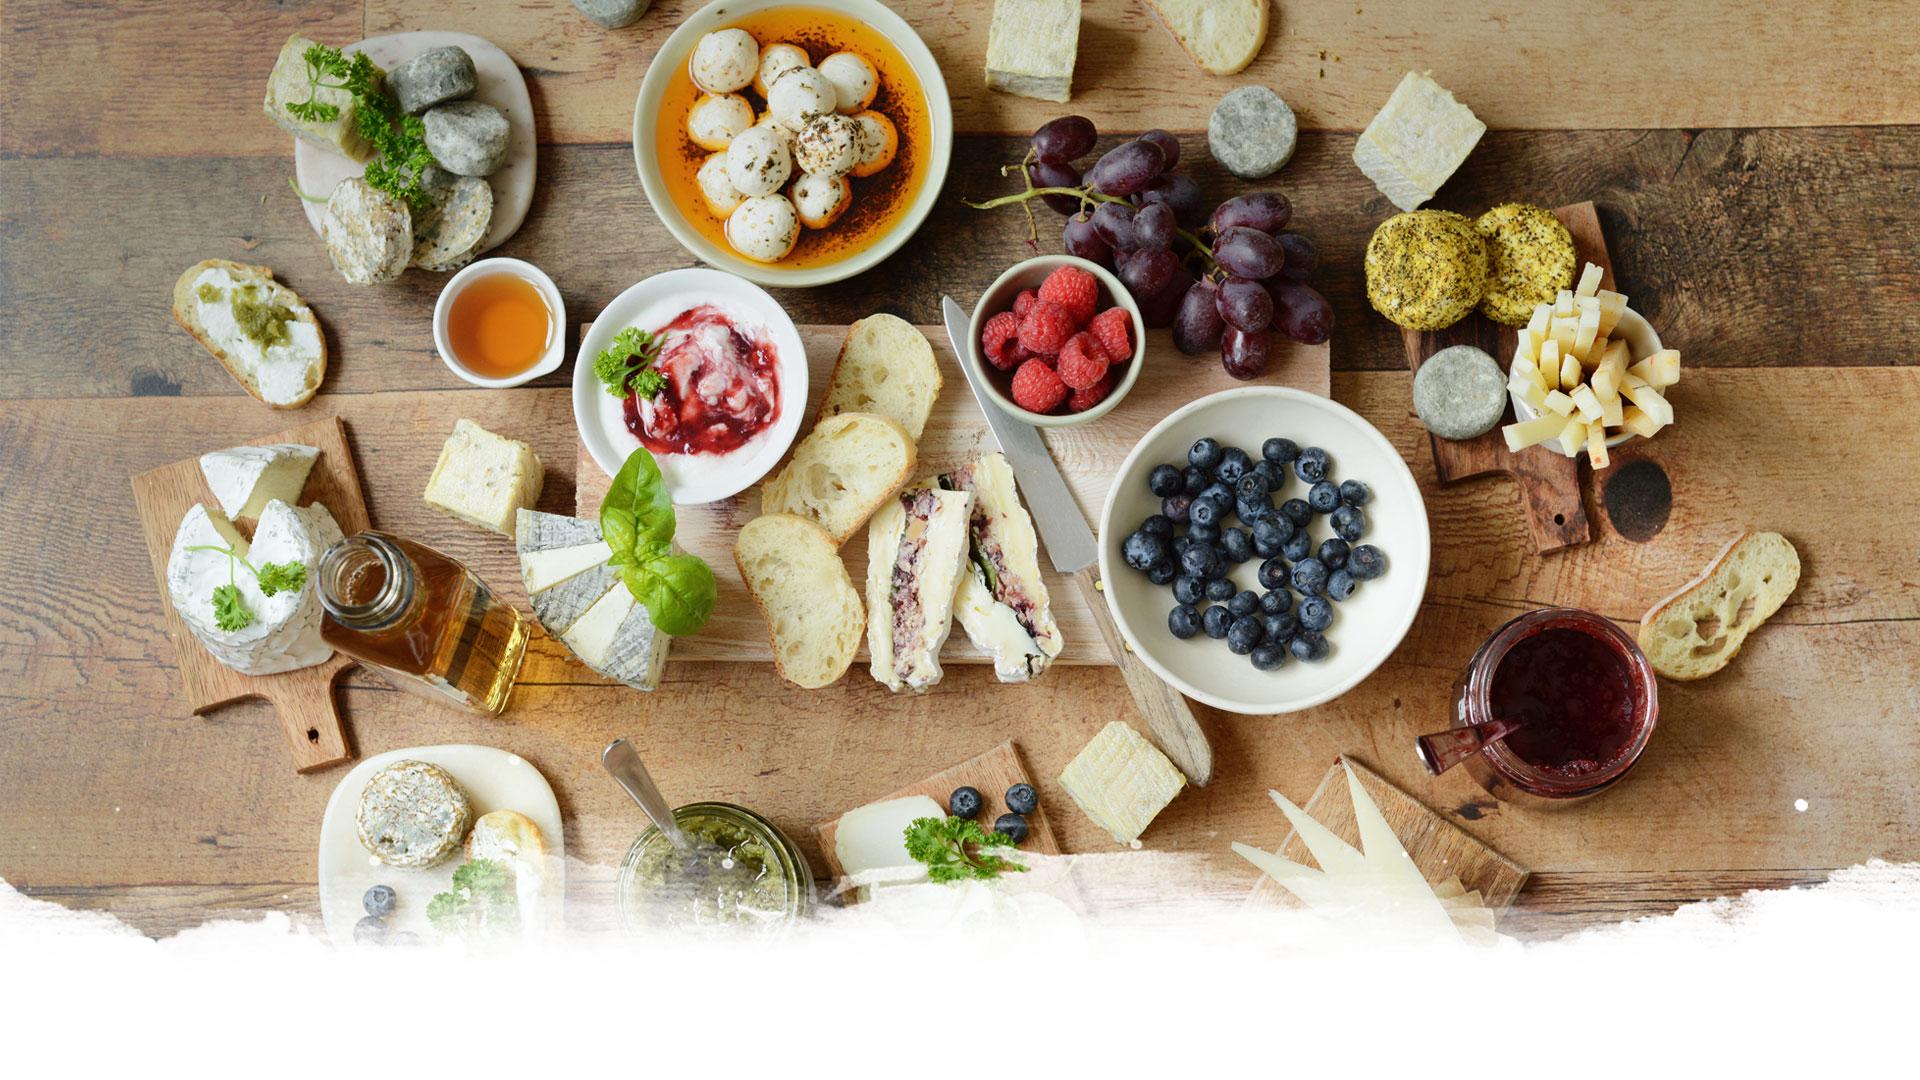 Plateaux de fromages et autres produits du terroir